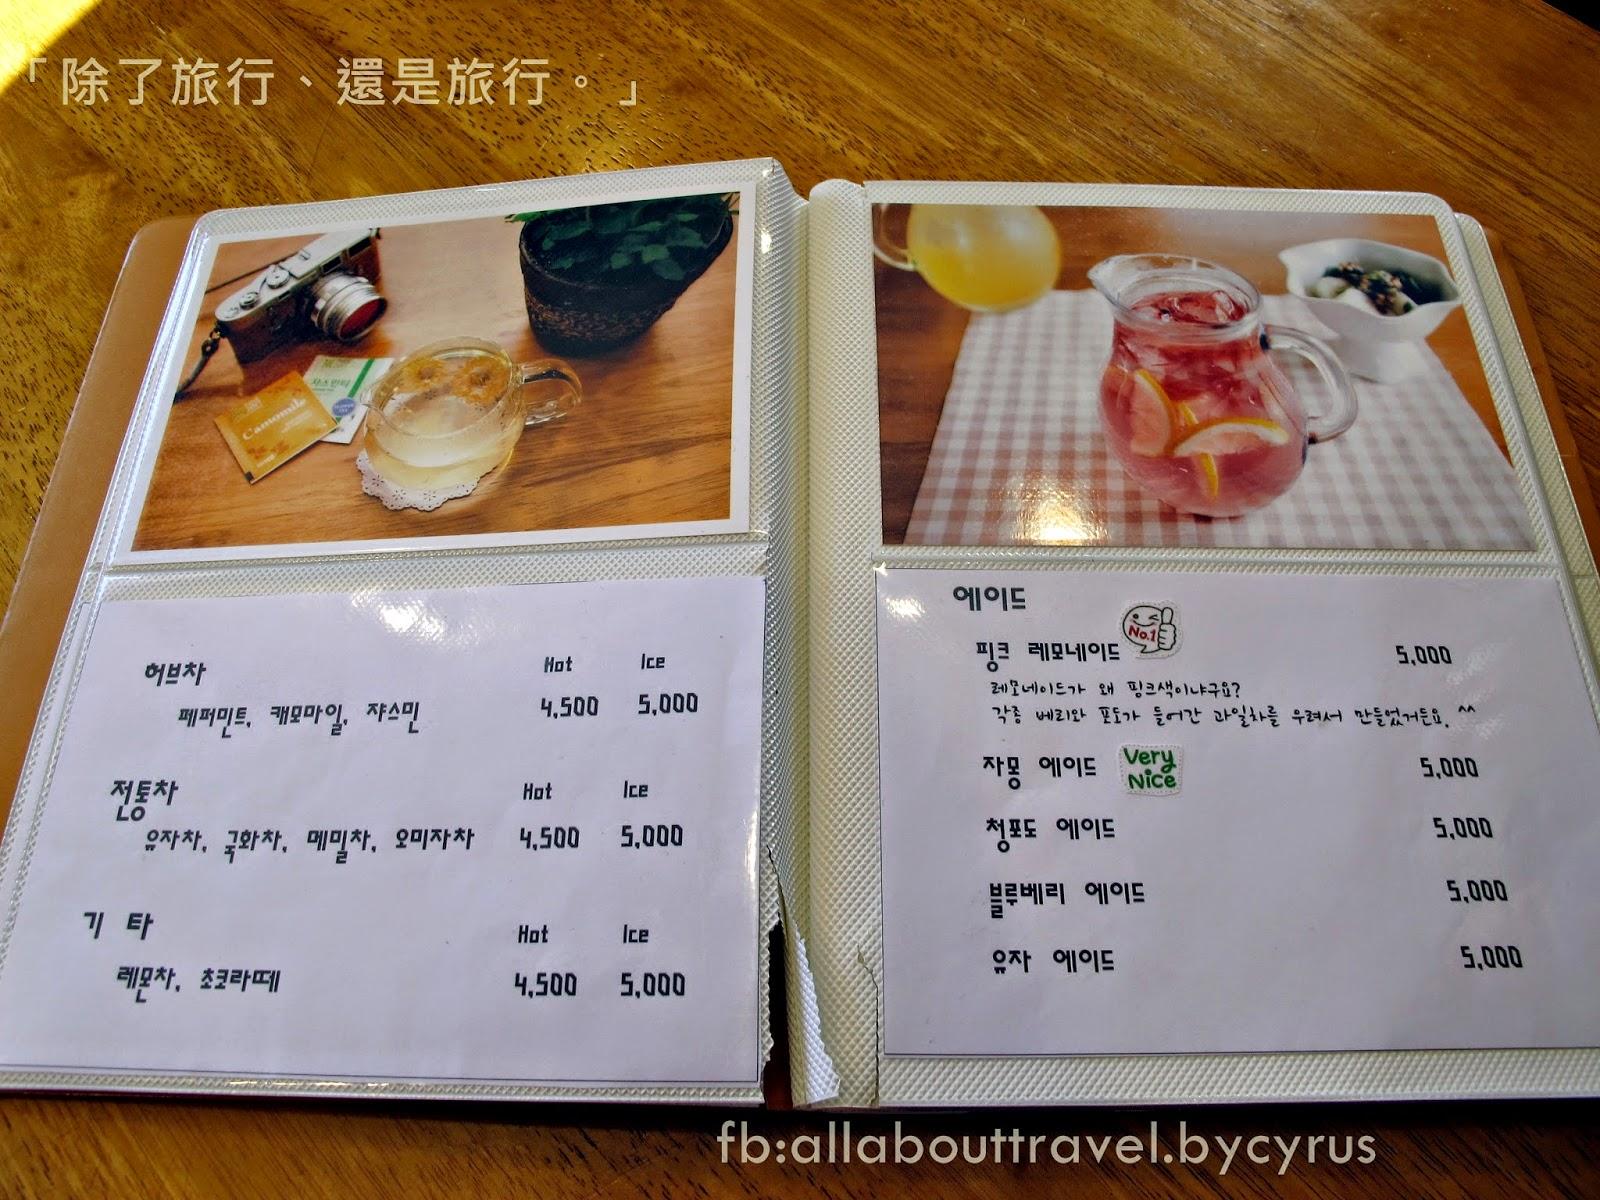 韓國自由行夢想之旅25